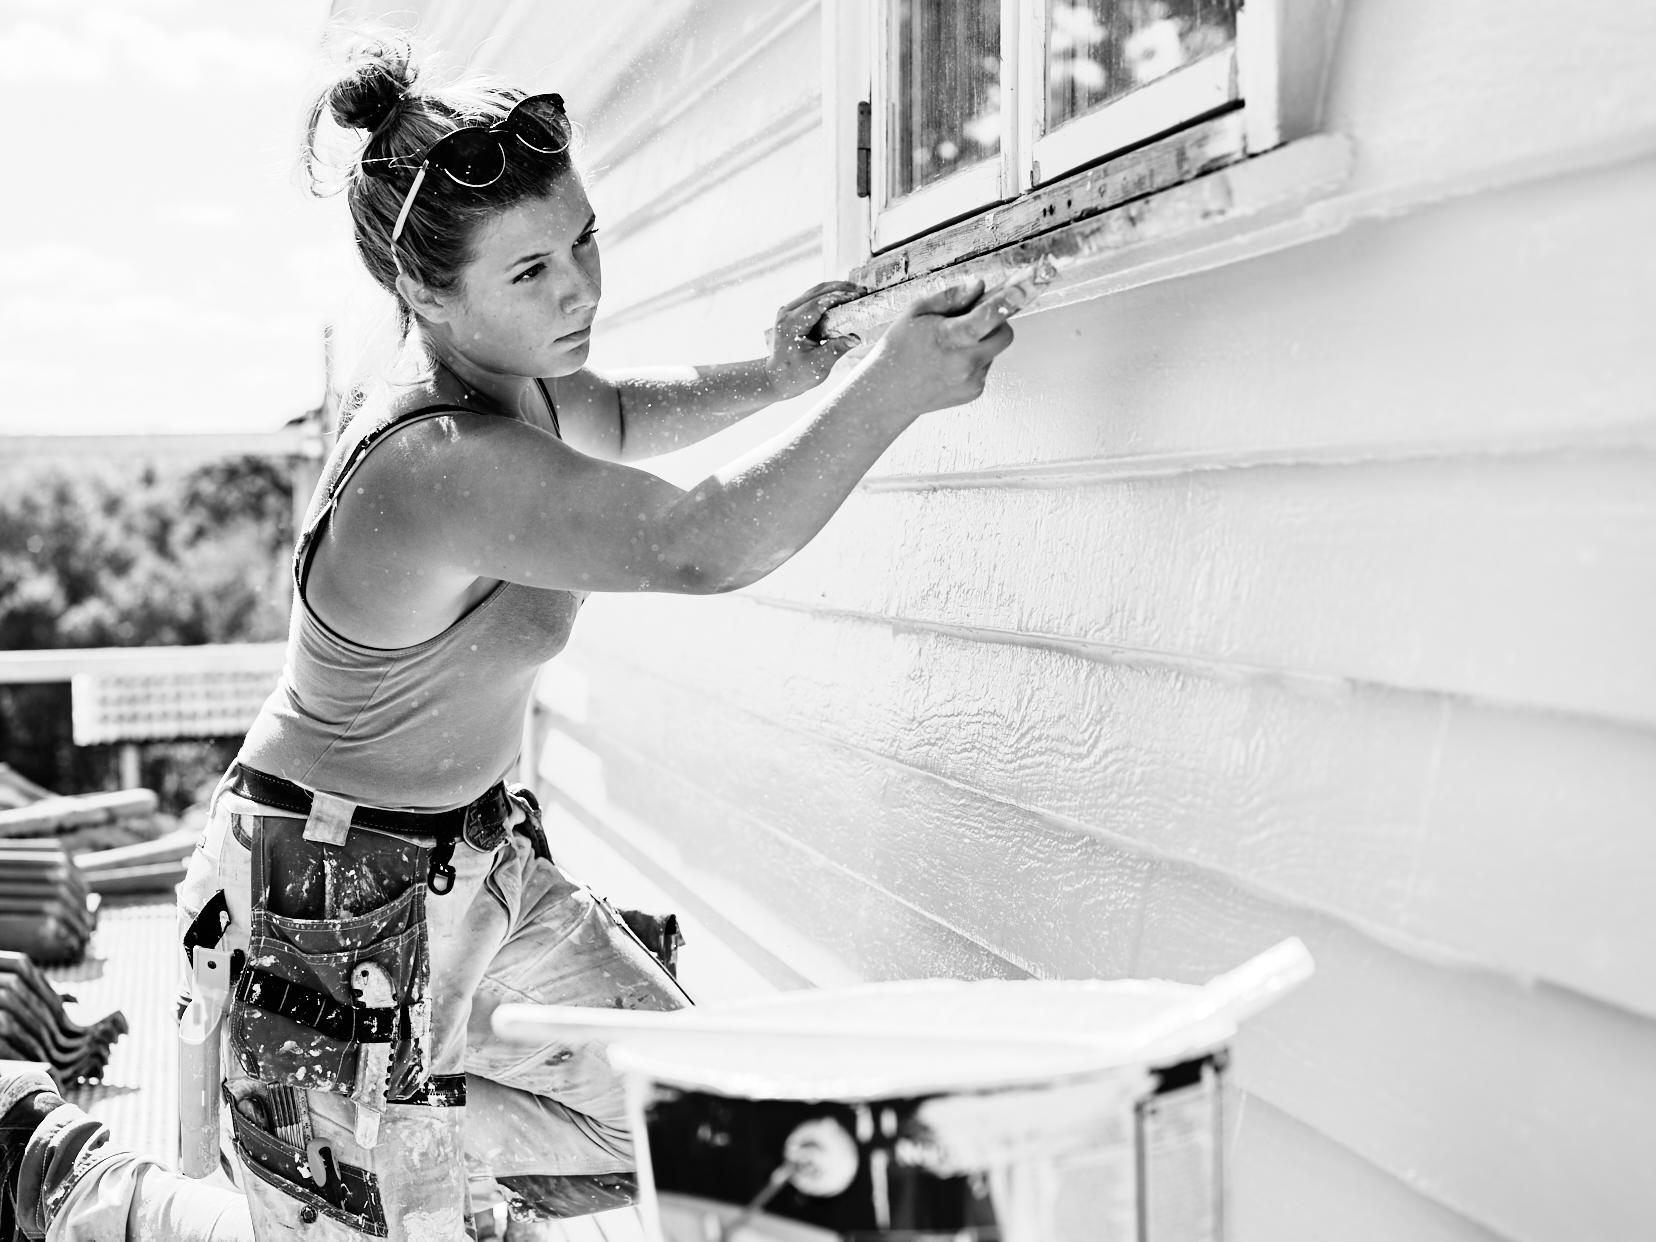 Vill du ha släta väggar? Gör det inte själv!